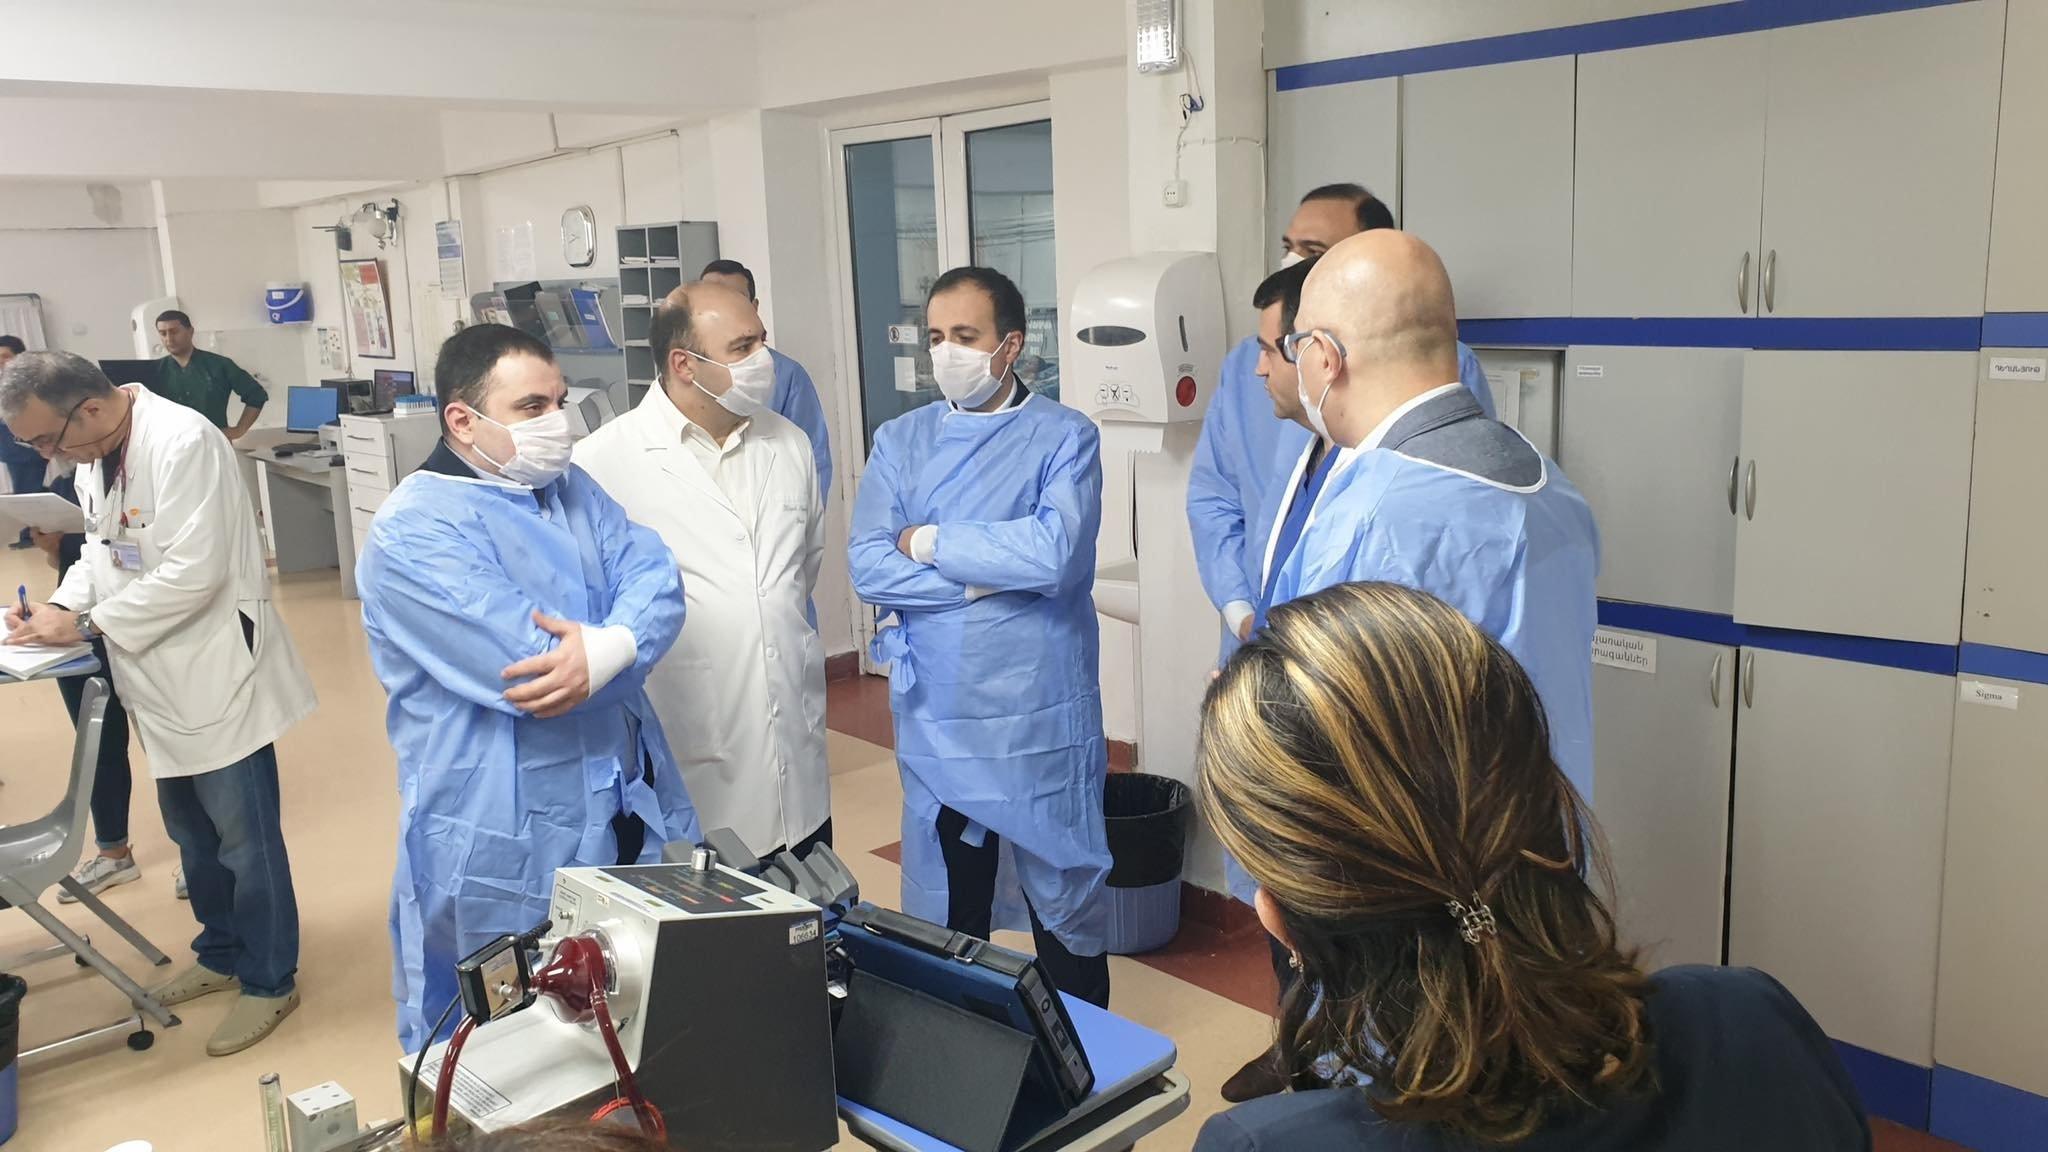 Ermənistanda son sutkada 663 nəfər koronavirusa yoluxdu, 5 nəfər öldü